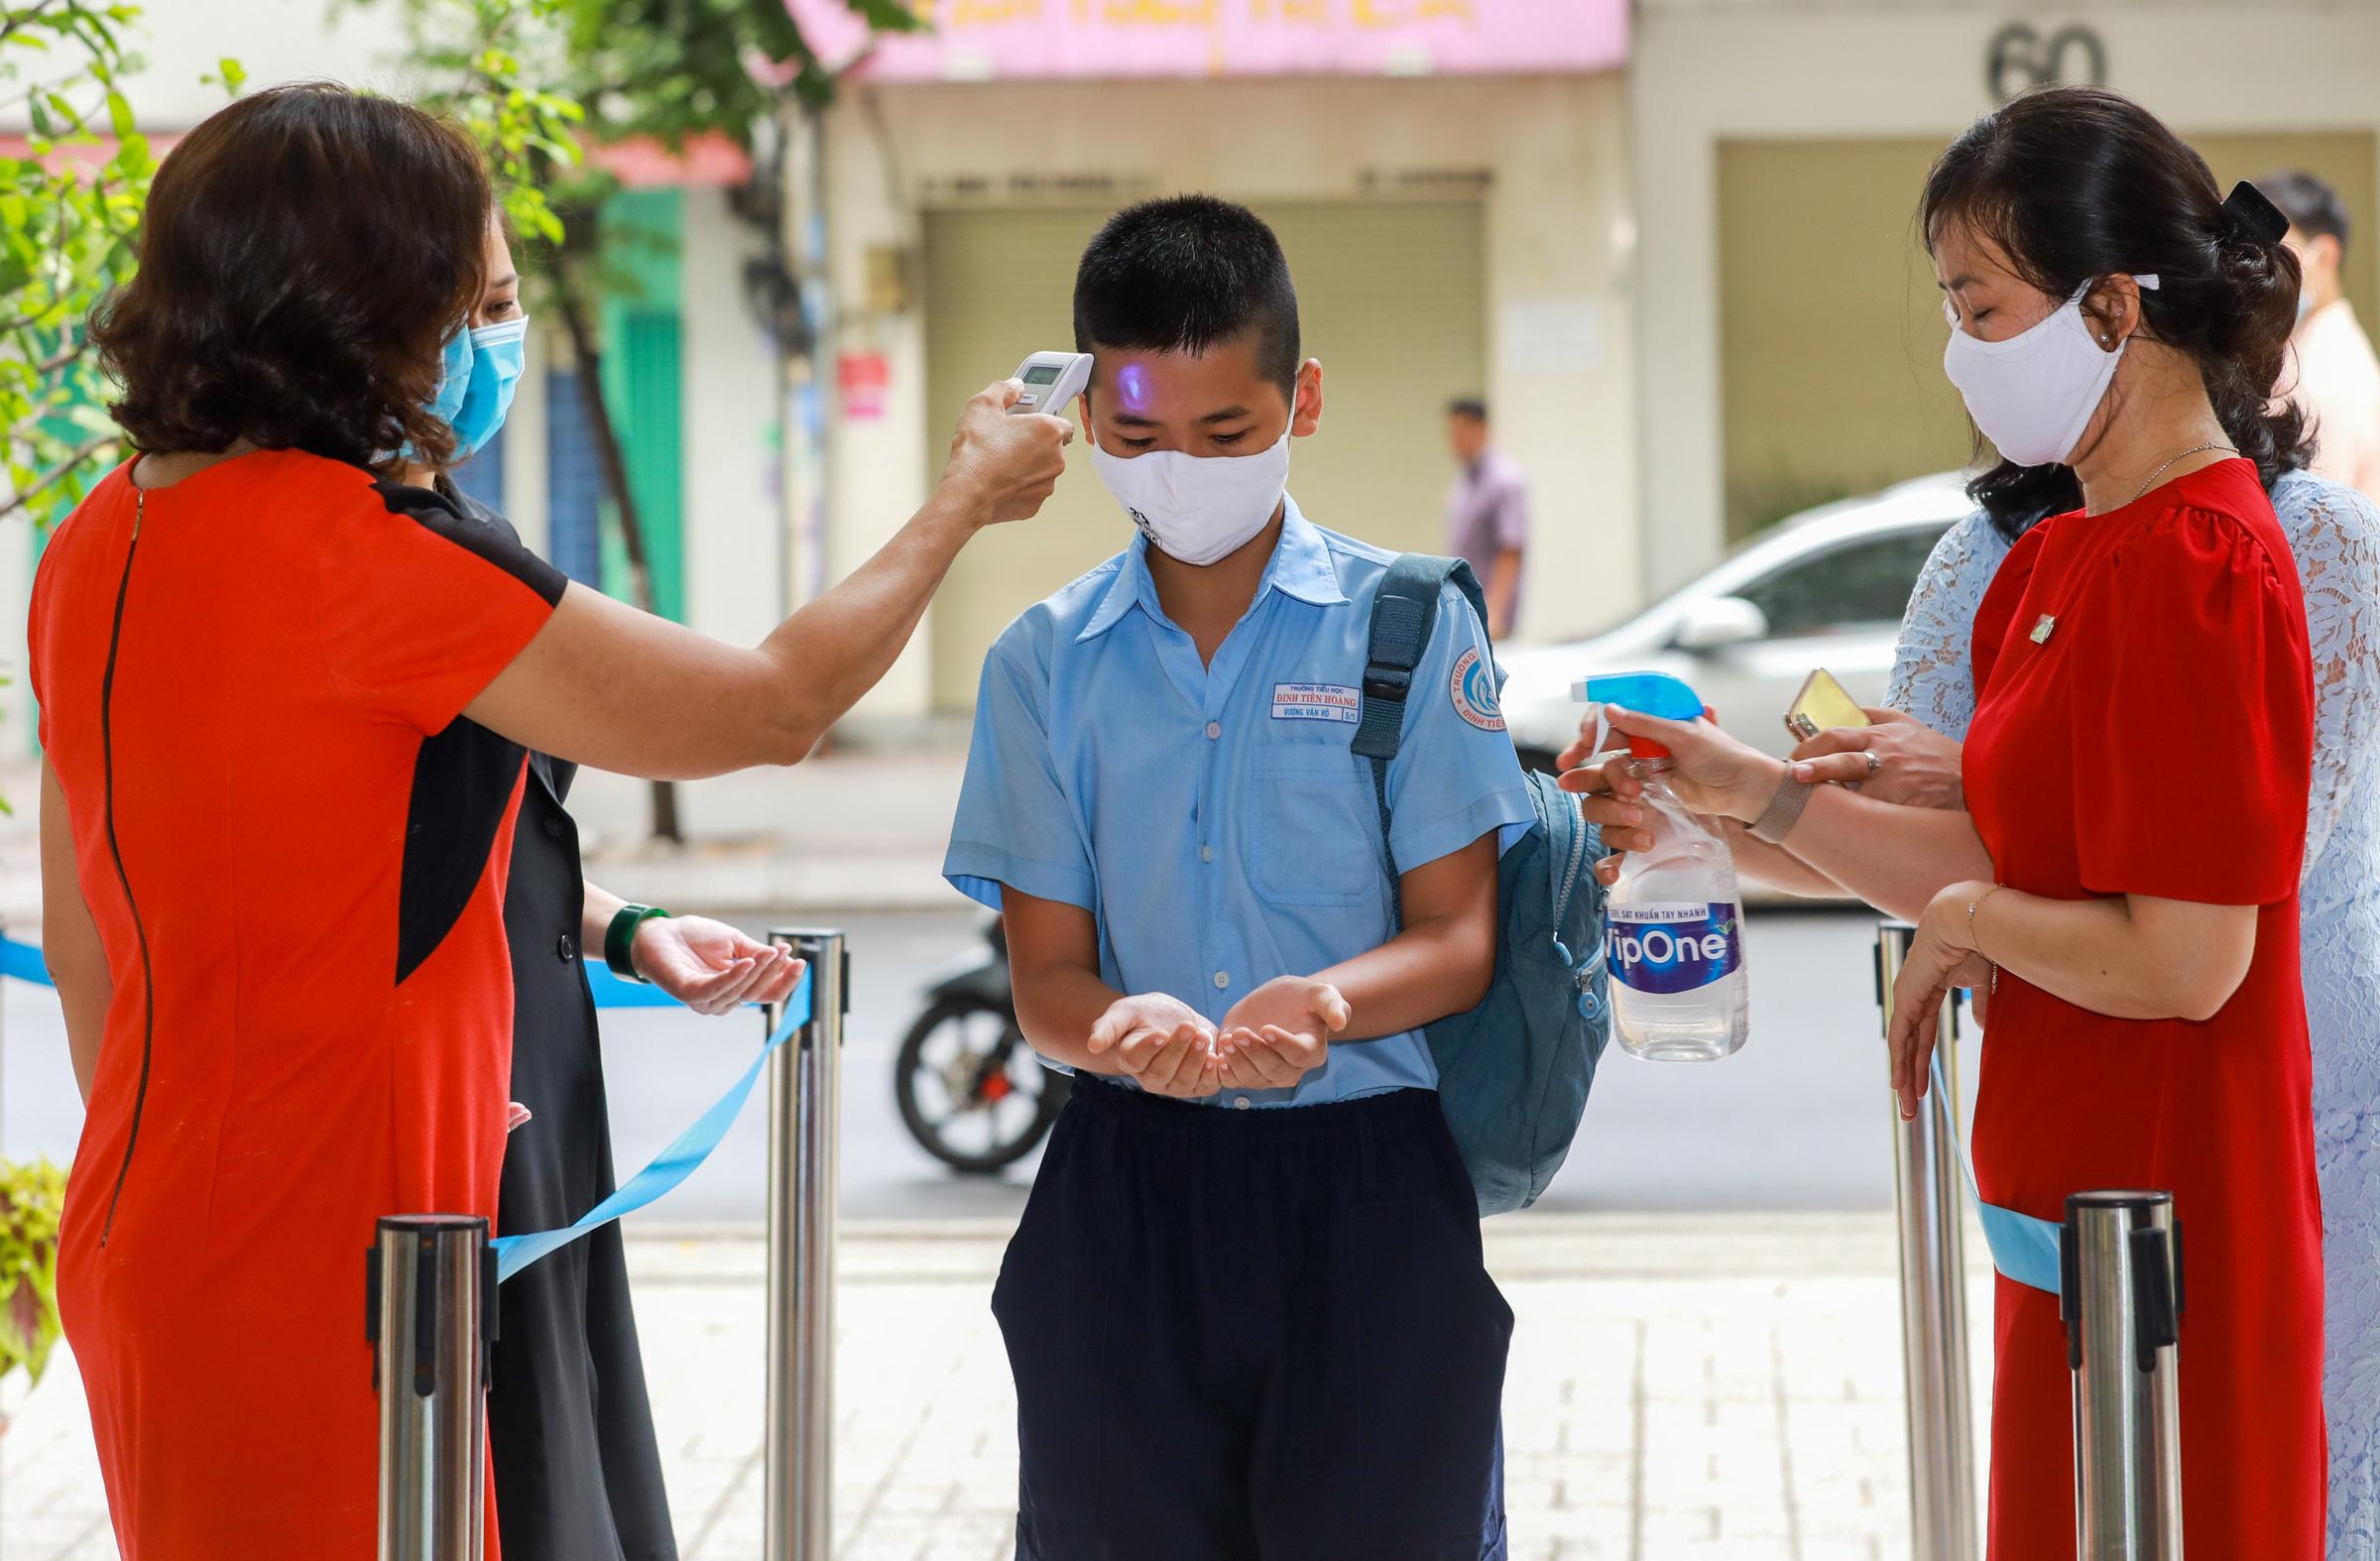 Học sinh trường Tiểu học Đinh Tiên Hoàng (quận 1) đến trường học sau hơn ba tháng nghỉ vì Covid-19, tháng 5/2020. Ảnh: Quỳnh Trần